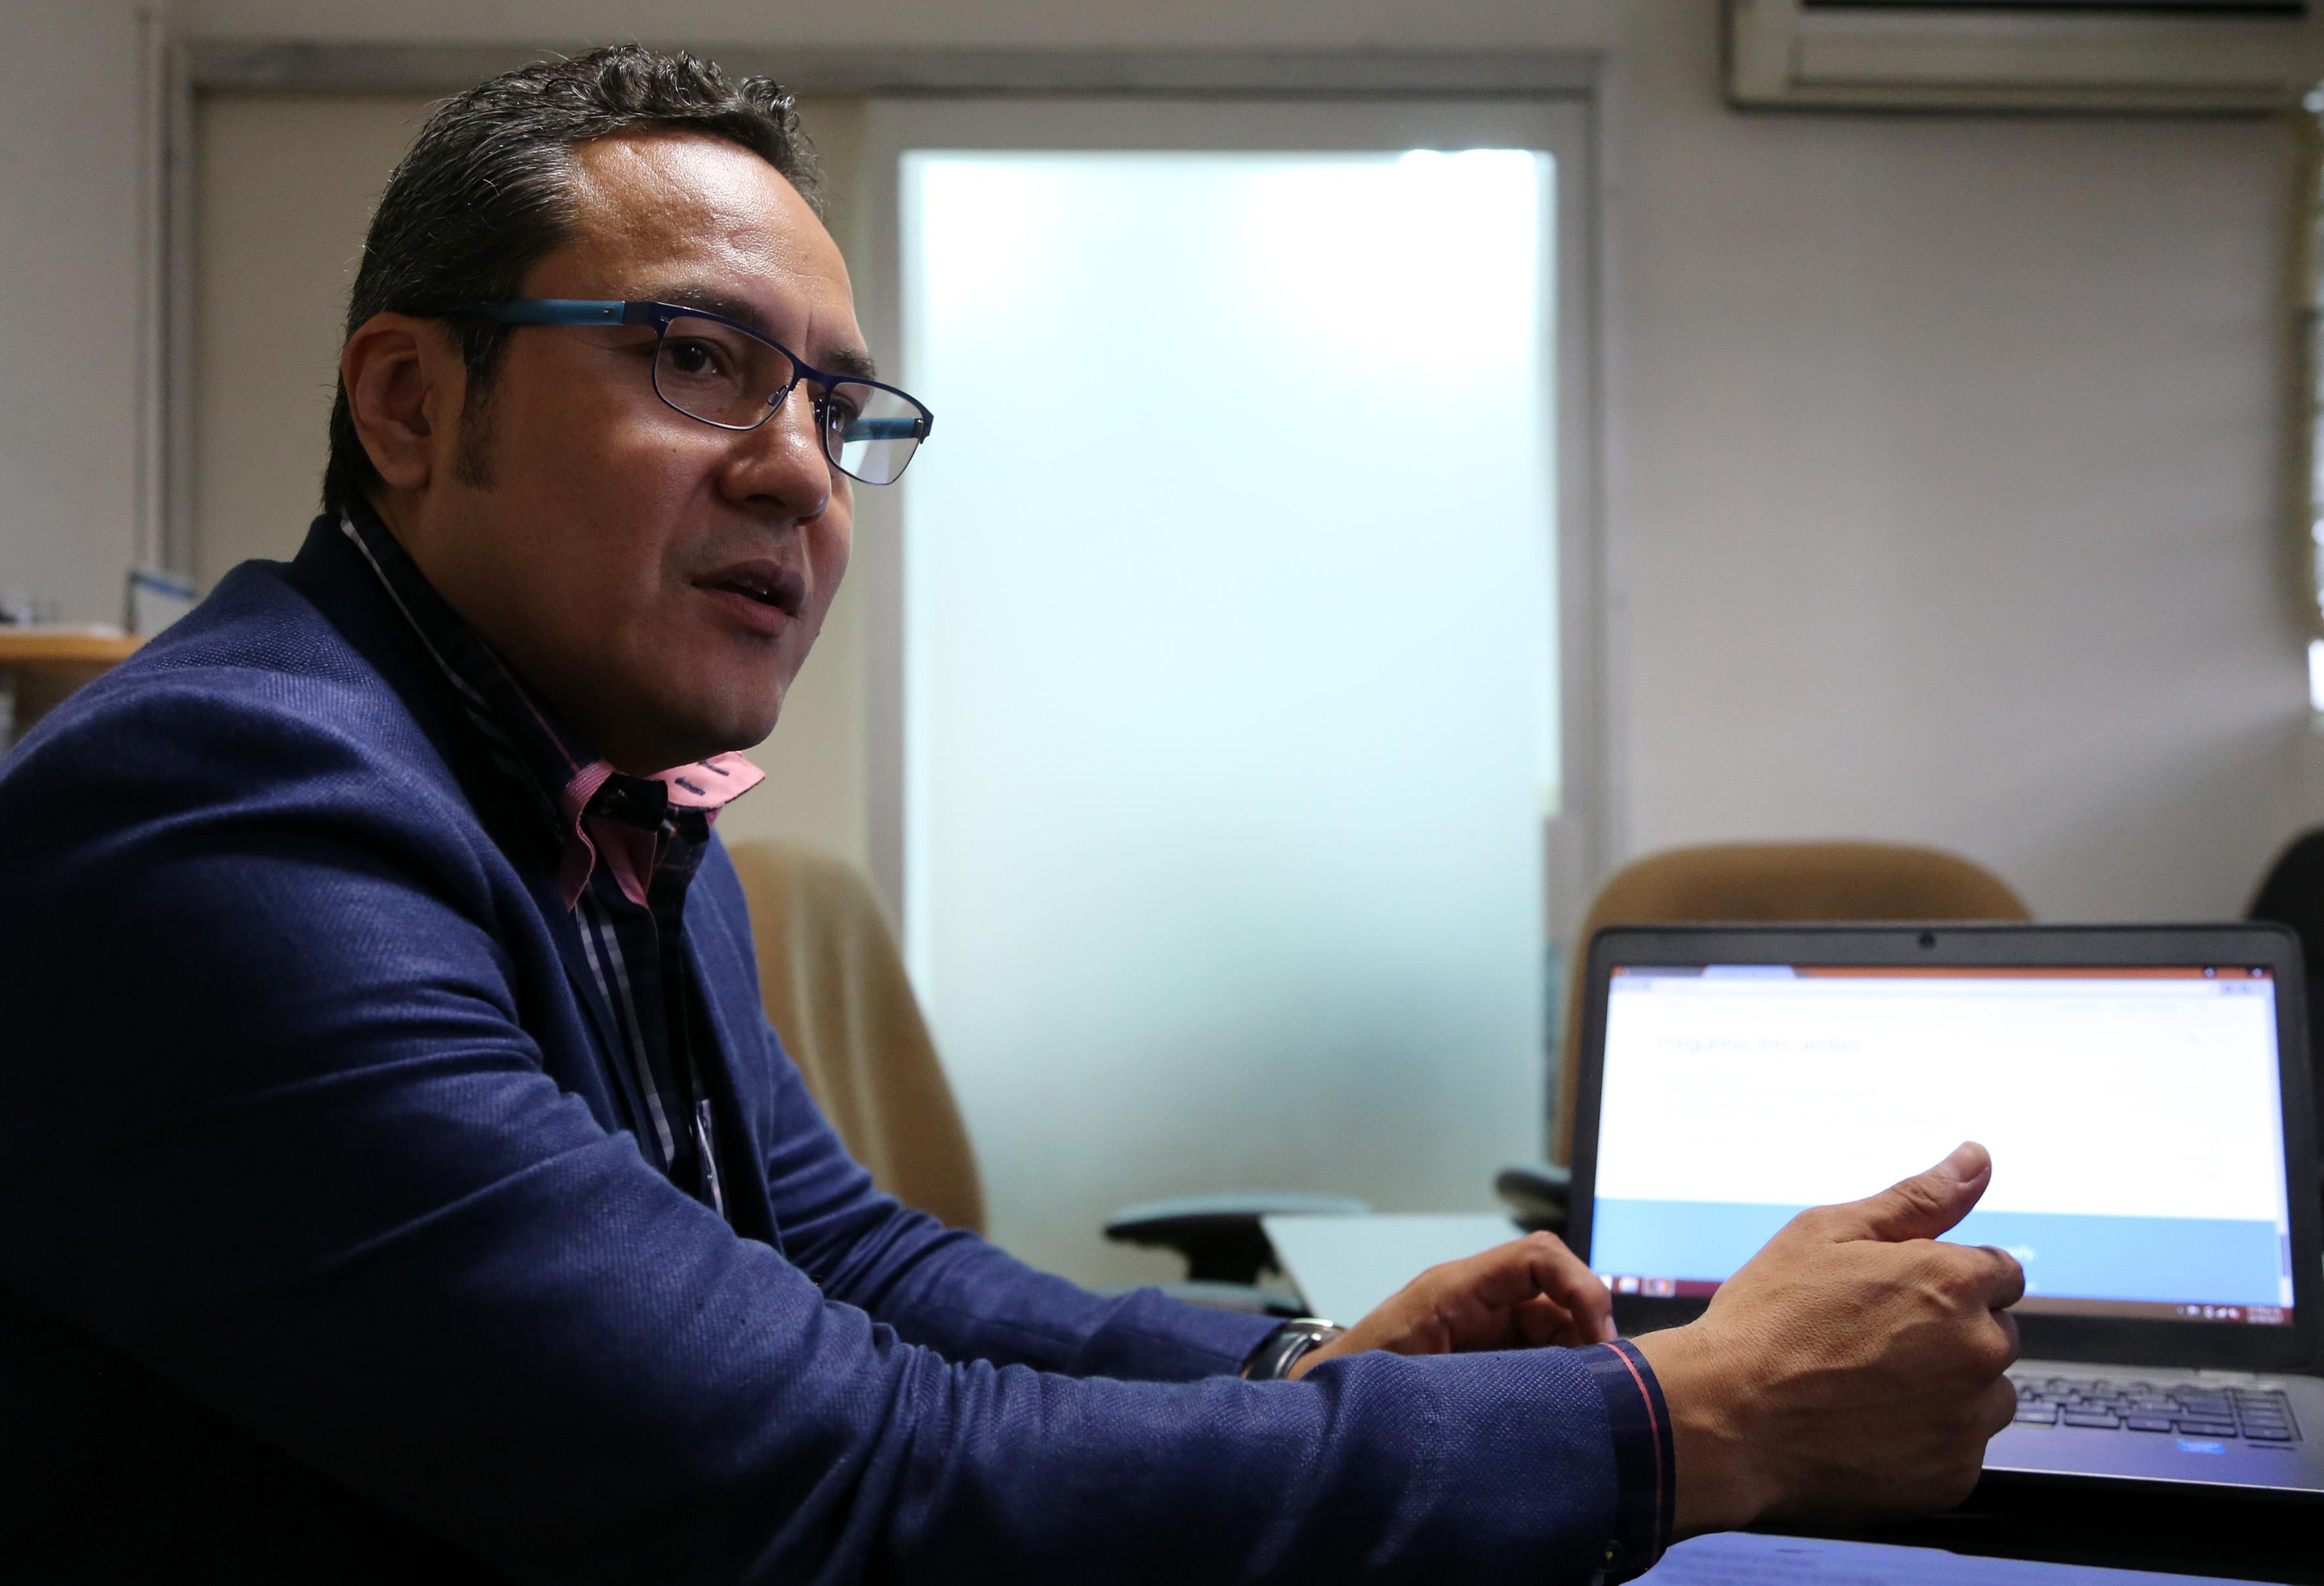 Luis Arturo González Lozano, académico del Departamento de Clínicas de Salud Mental, del Centro Universitario de Ciencias de la Salud y coordinador del capítulo Latinoamericano de la Sociedad para la Investigación en Psicoterapia,